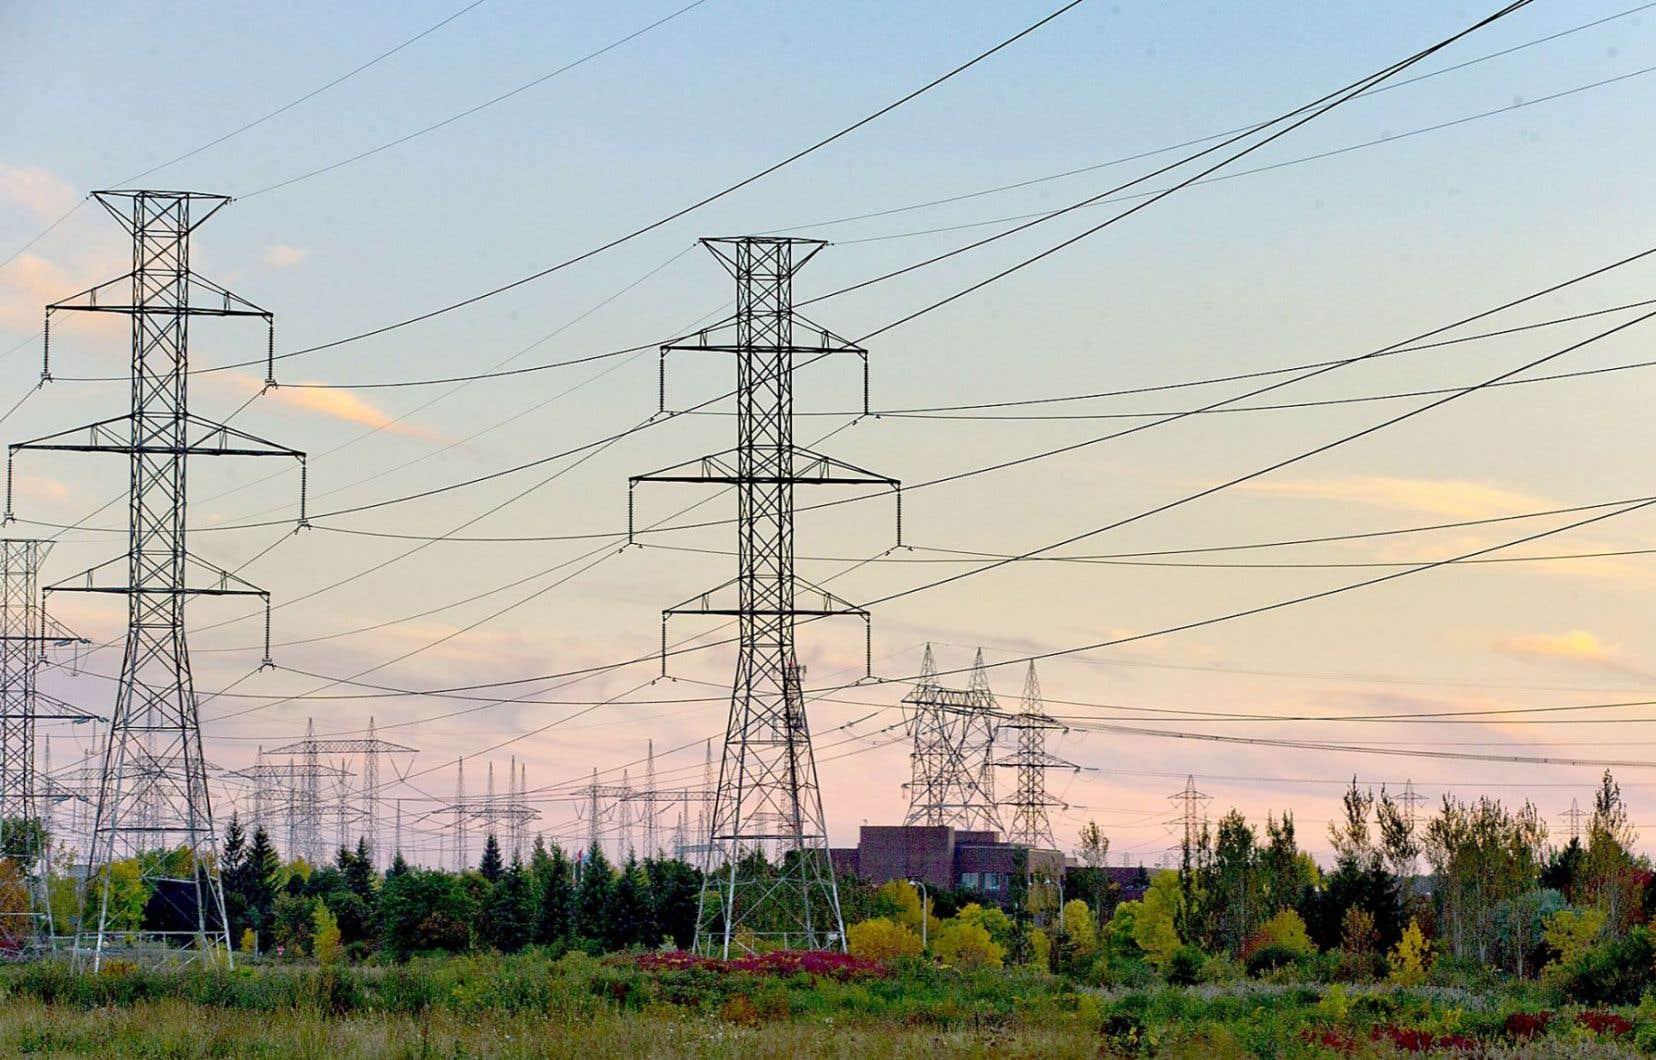 Le Québec pourra importer jusqu'à 500 mégawatts d'électricité de son voisin ontarien en périodes de pointe hivernales.